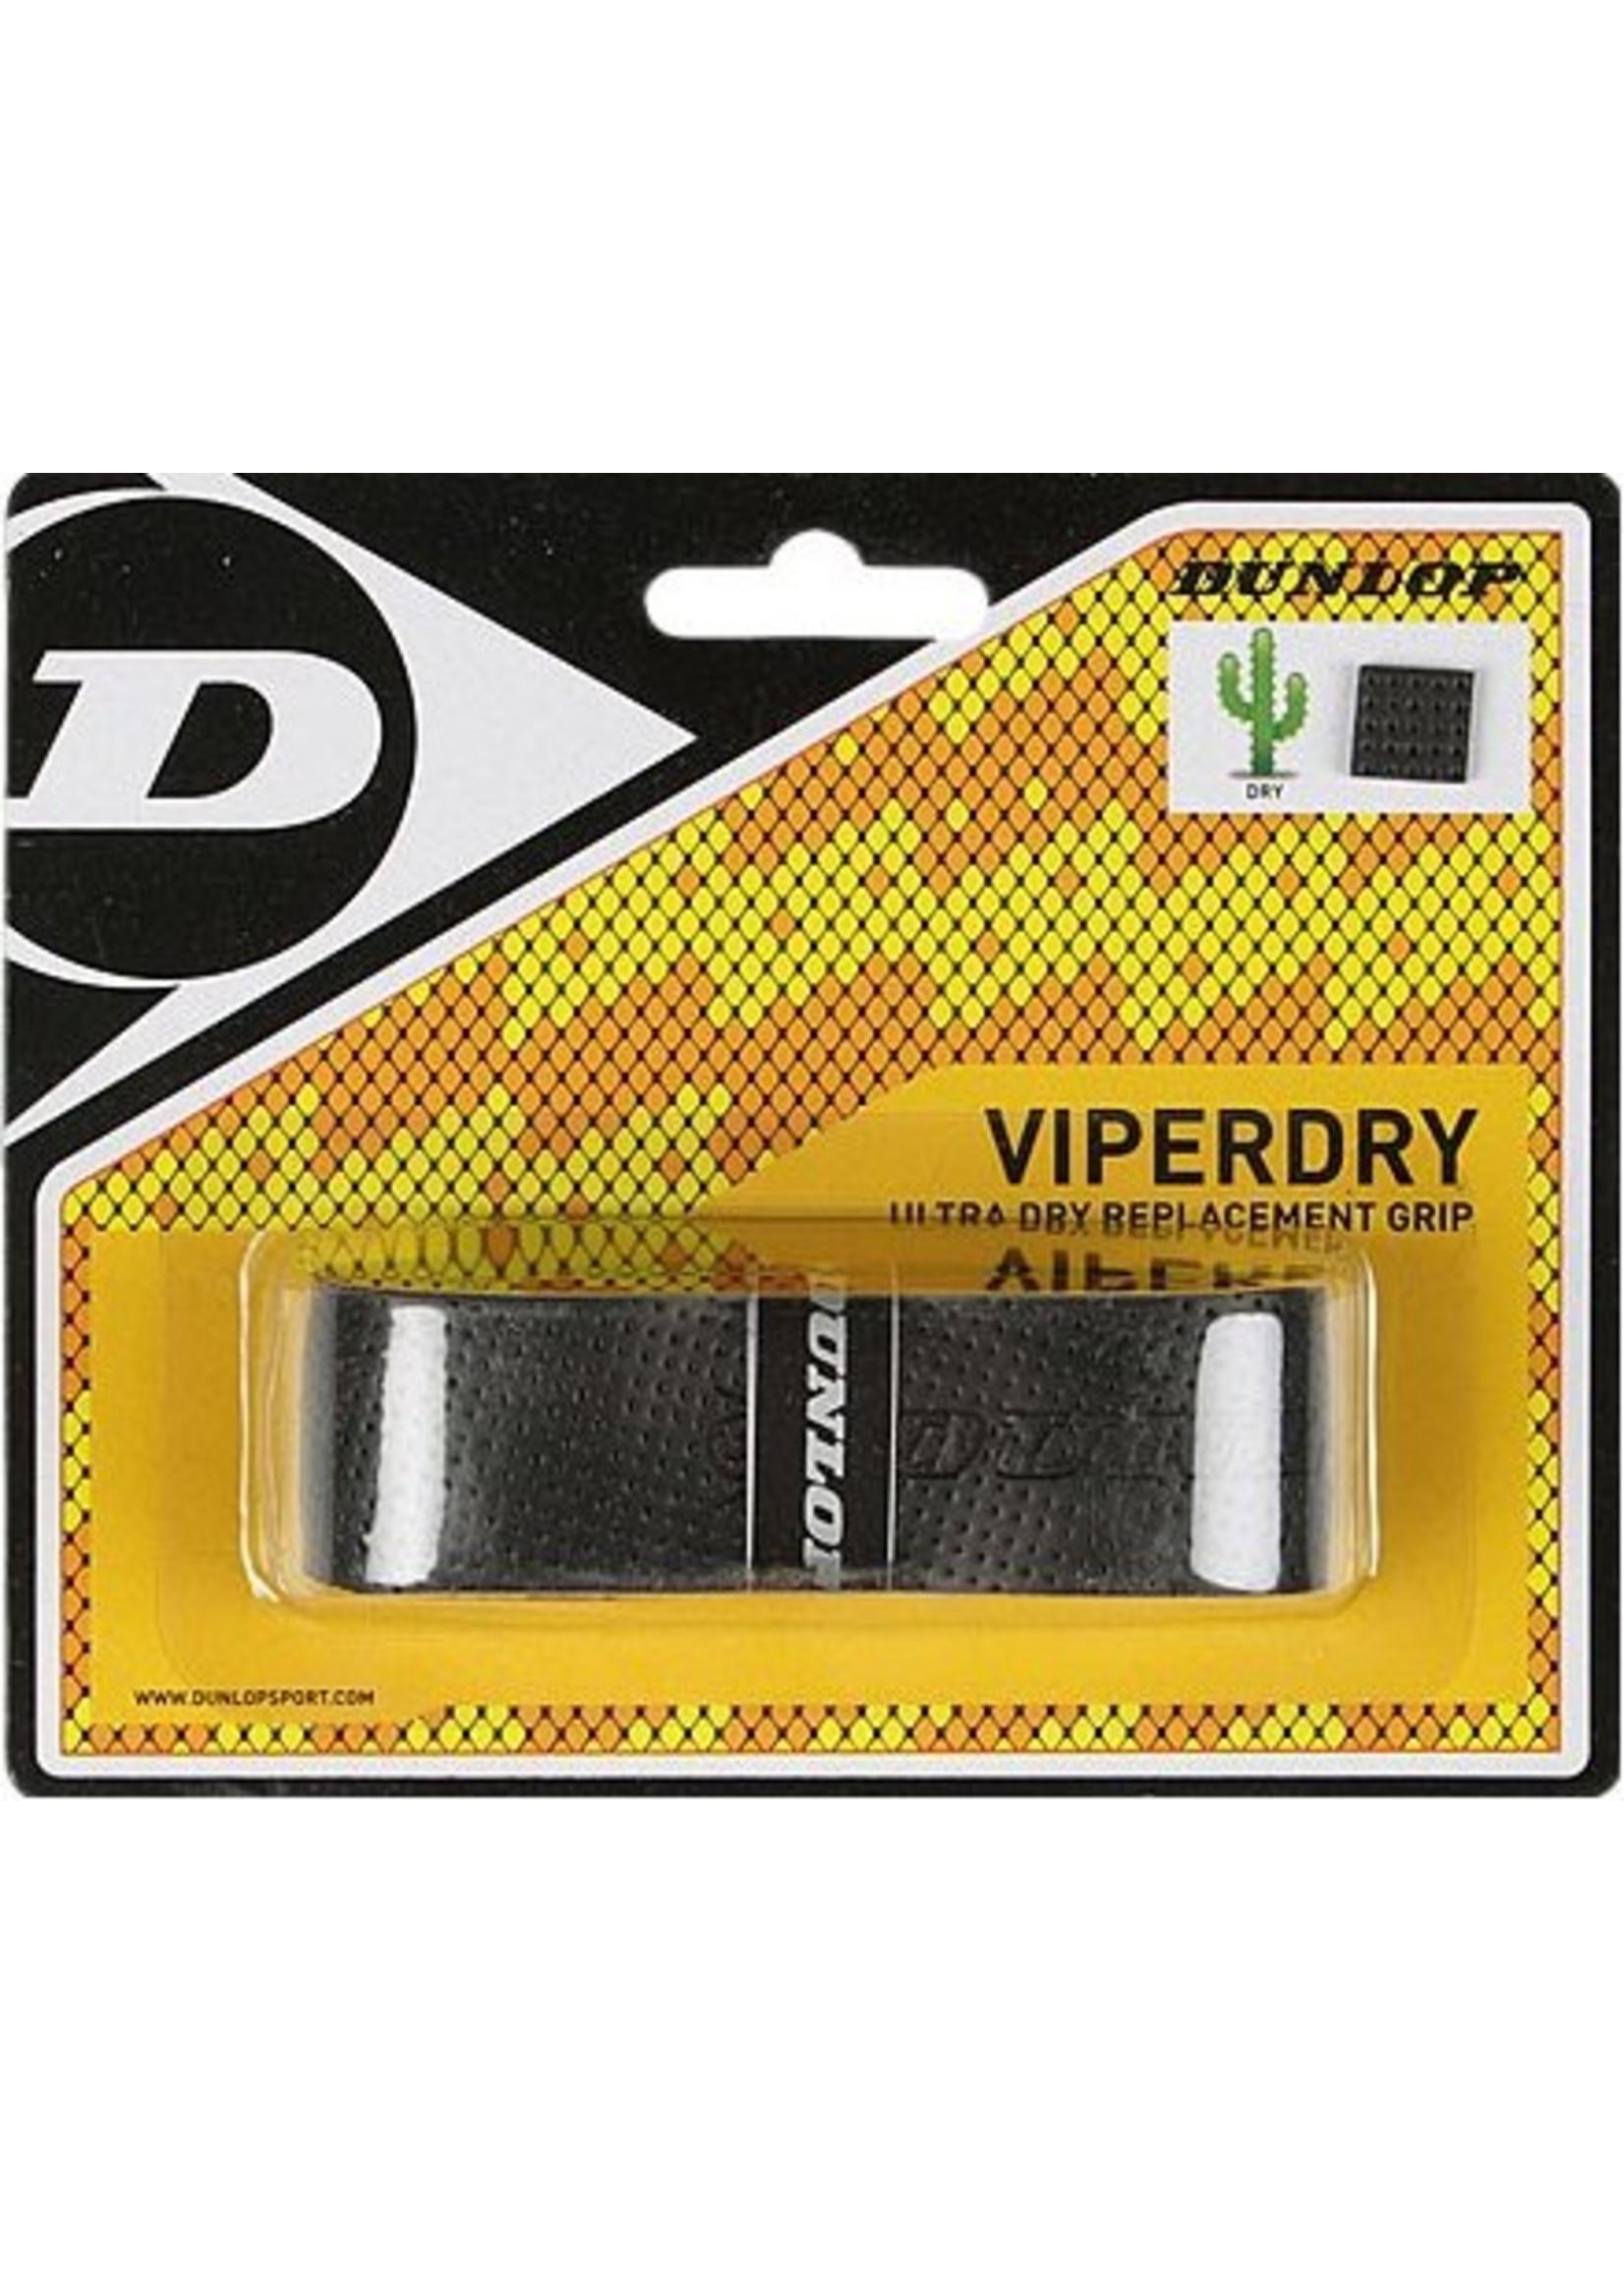 Dunlop Dunlop Viperdry Replacement Grip